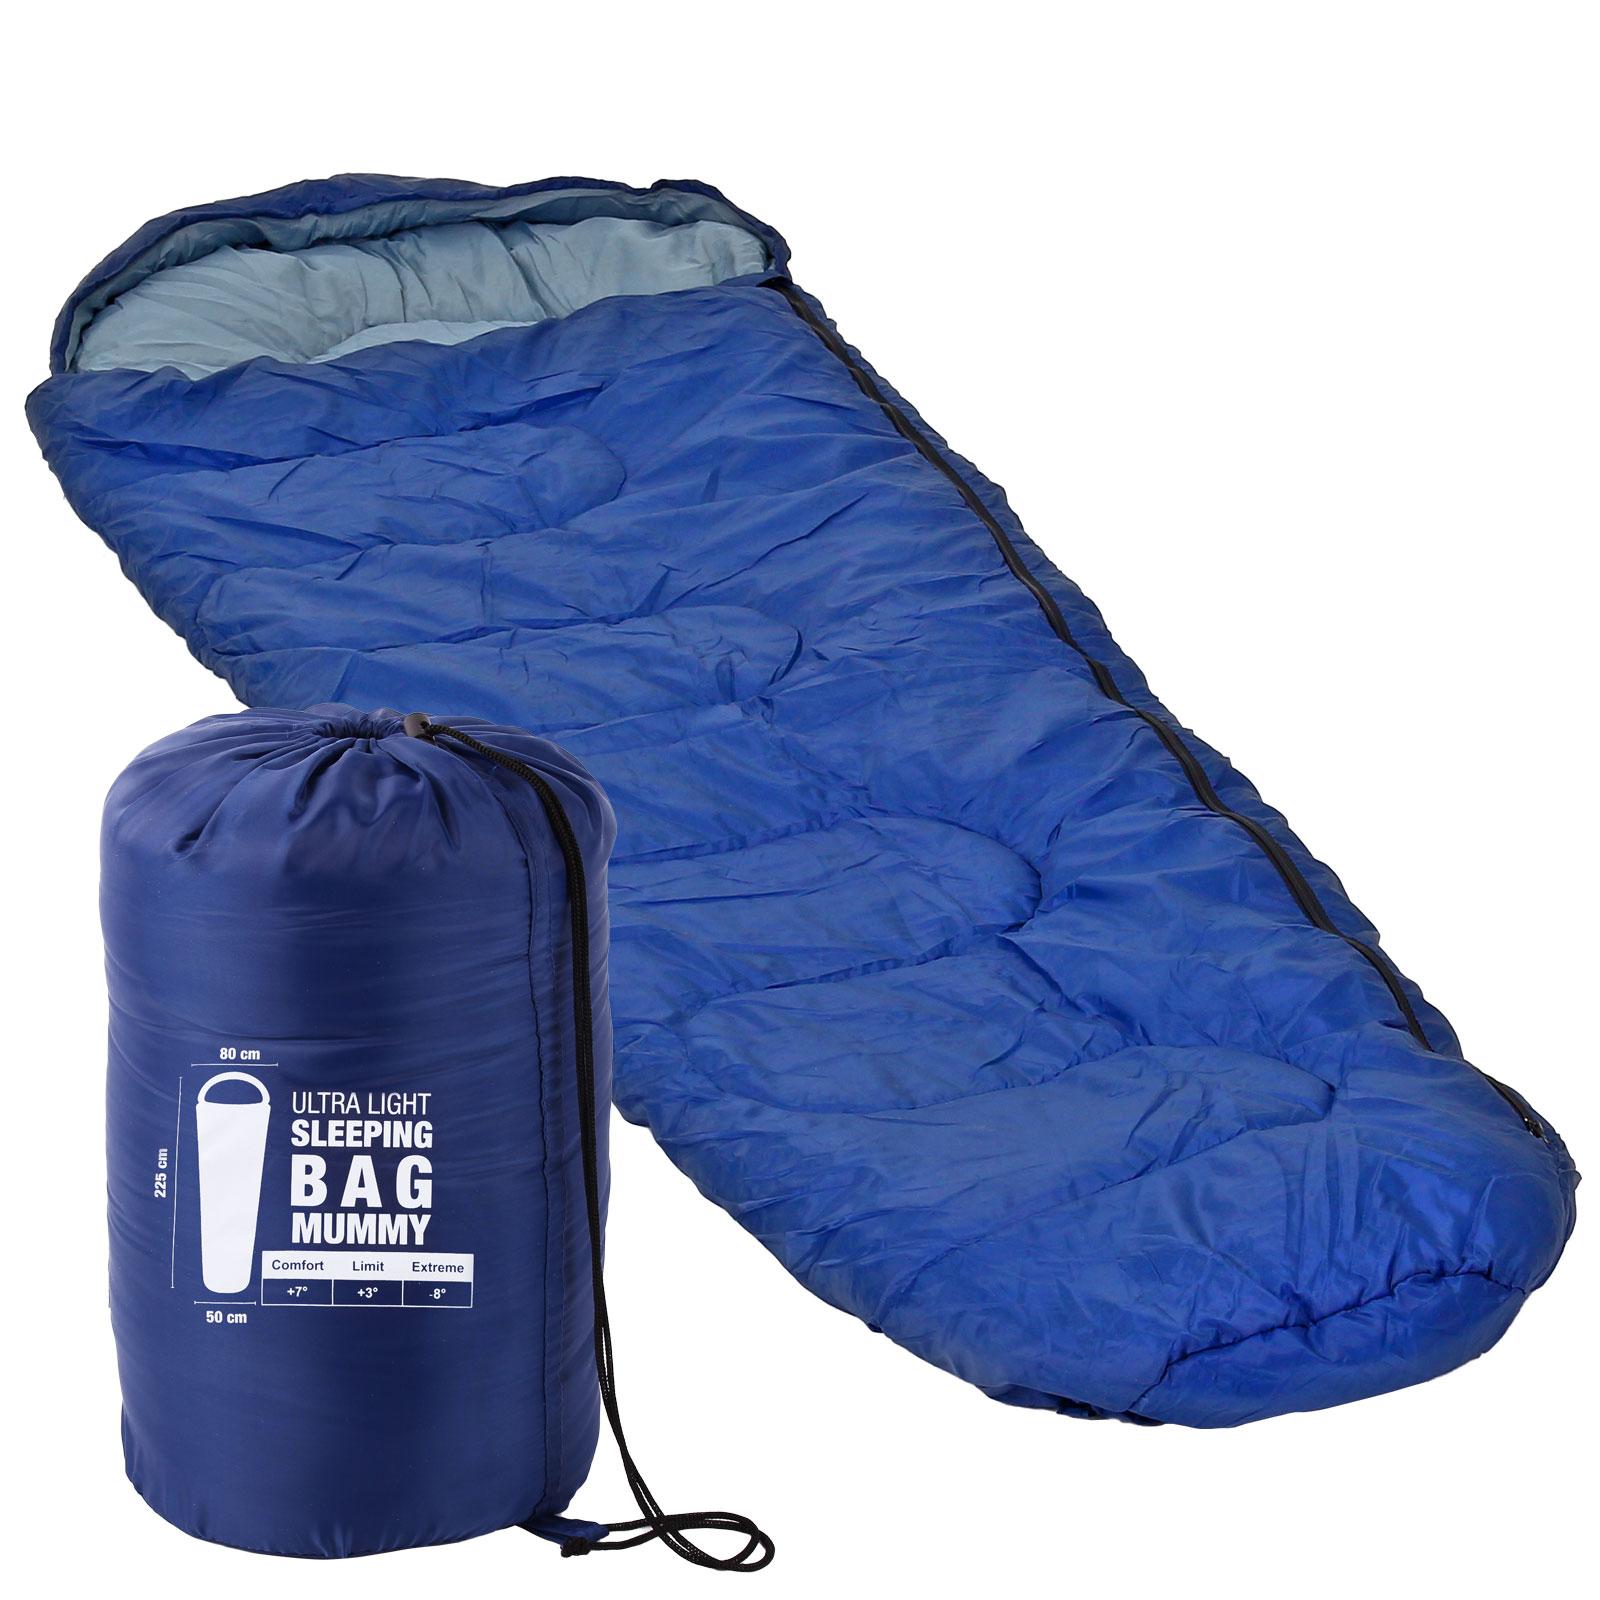 Mumienschlafsack ultraleicht, 225x80x50 cm, - 8 °C, 1,25 kg, blau